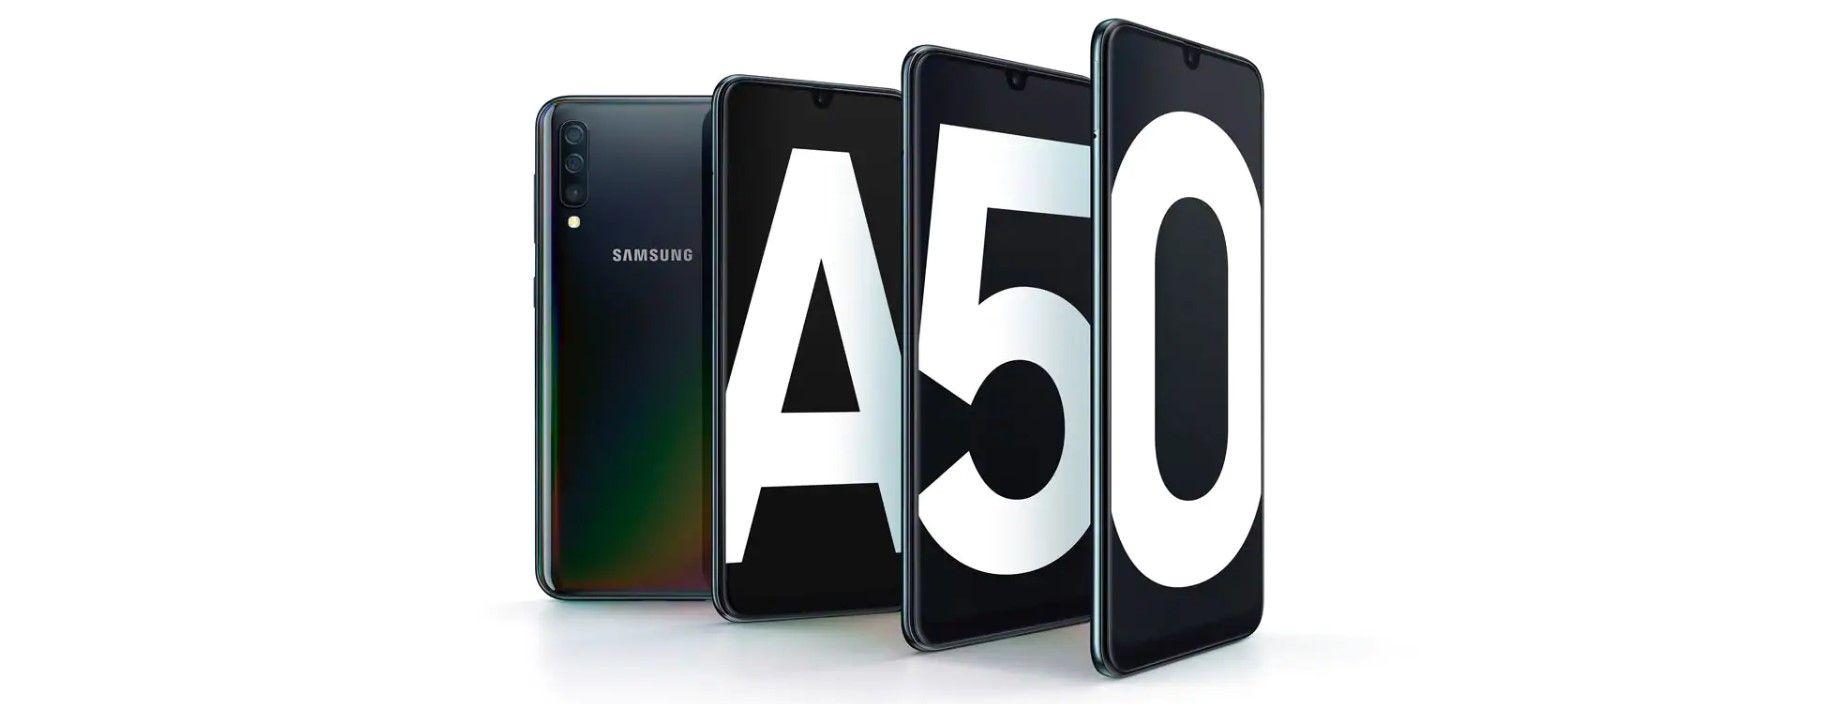 Samsung Galaxy A50 купить в Москве